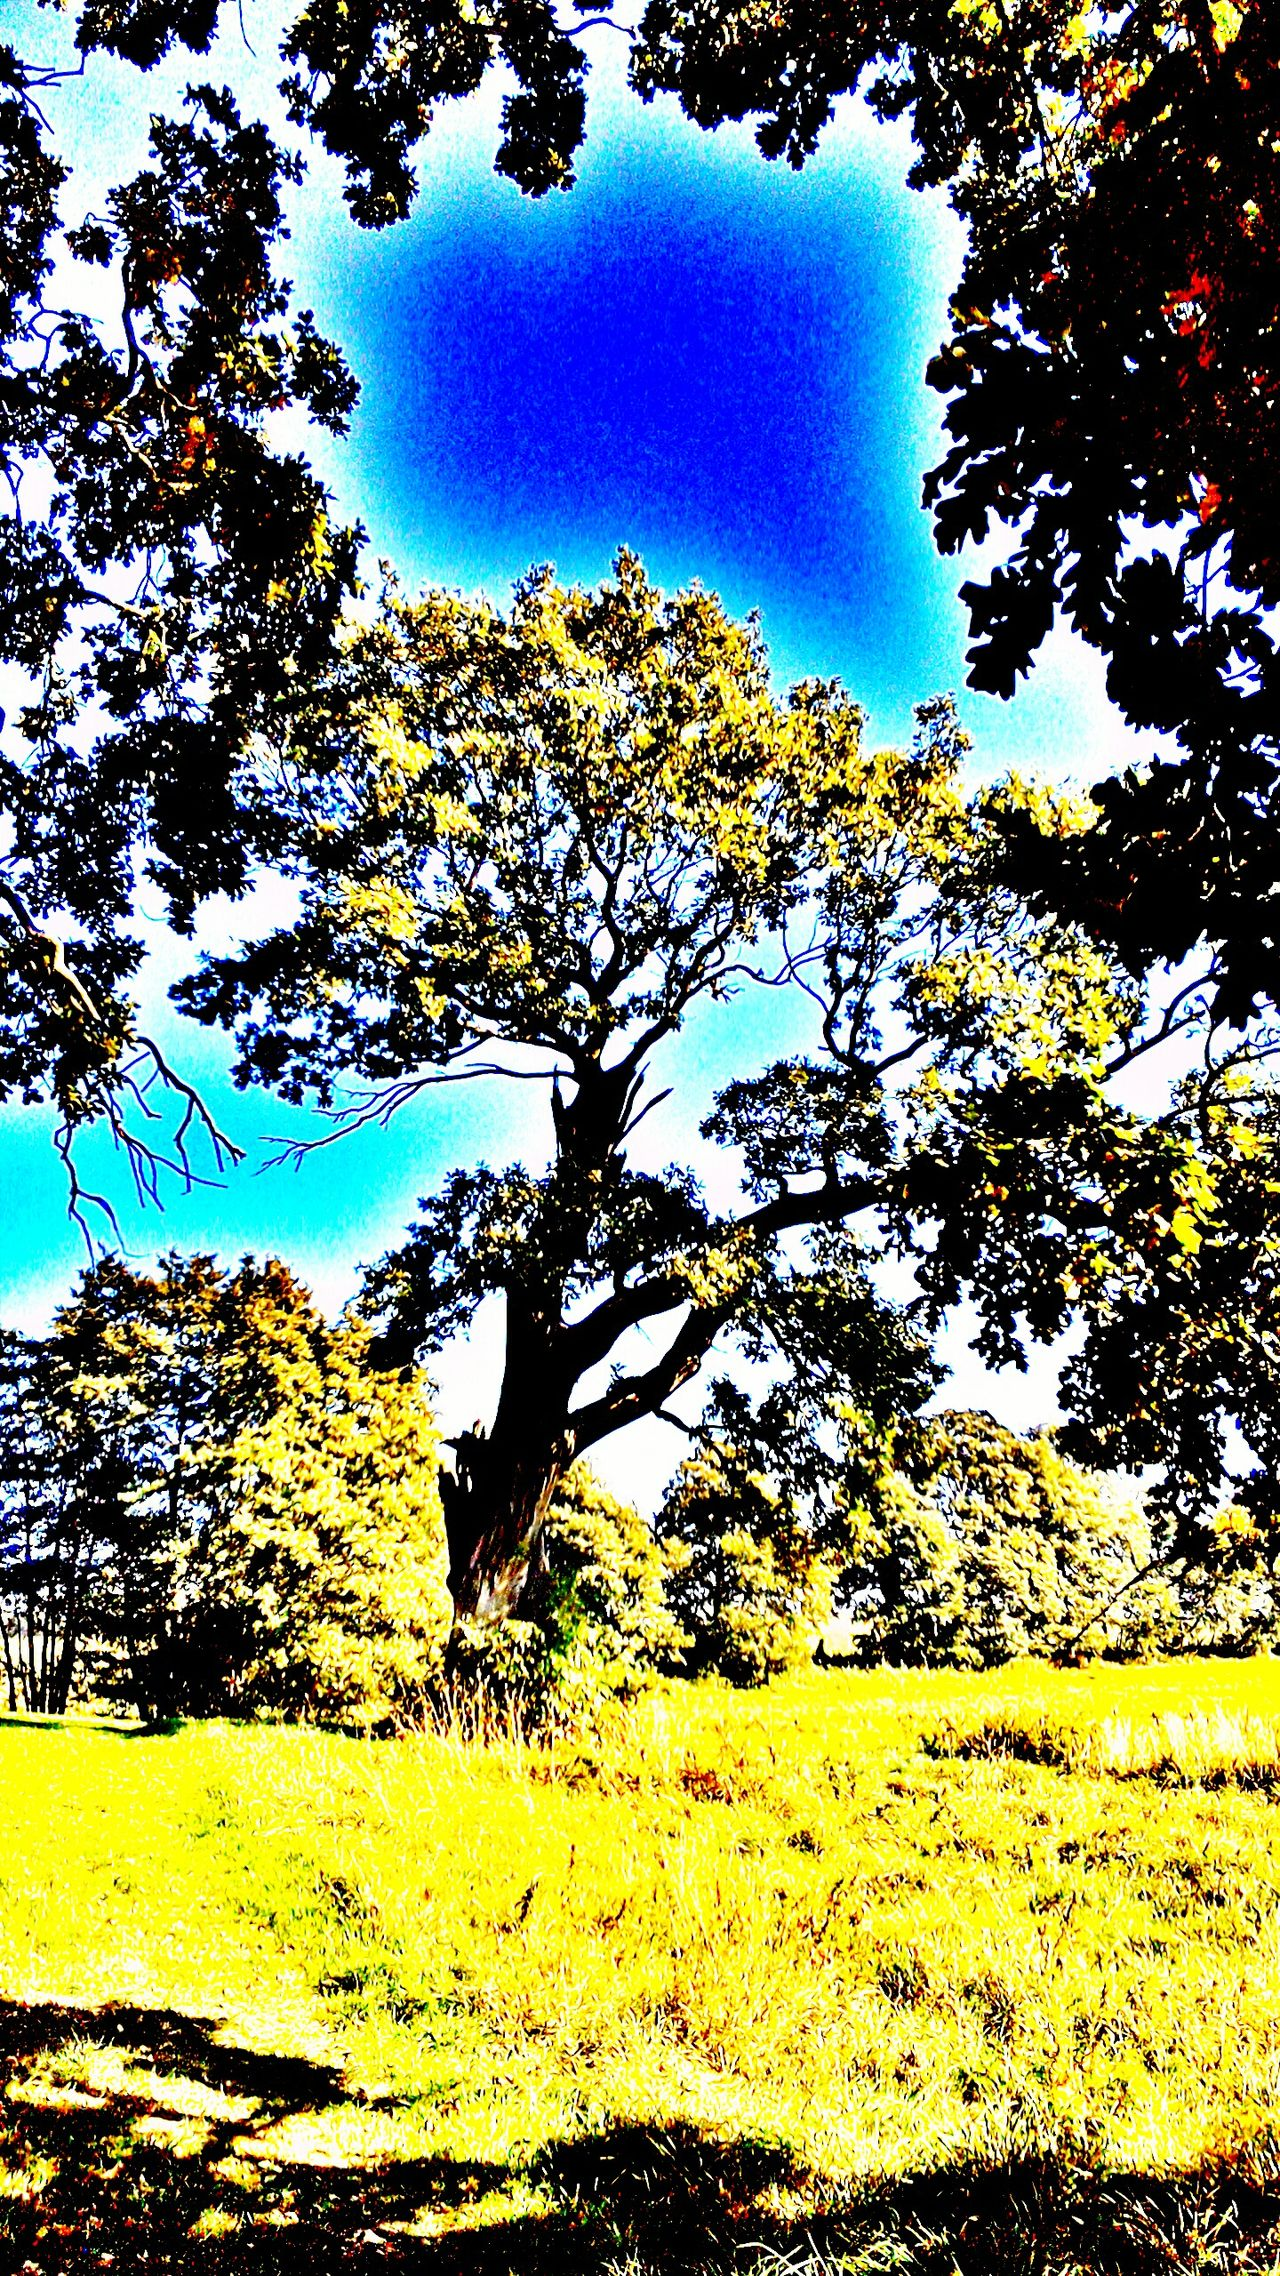 Relaxing Taking Photos Hanging Out Enjoying Life EyeEm Nature Lover Taking Photos Relaxing